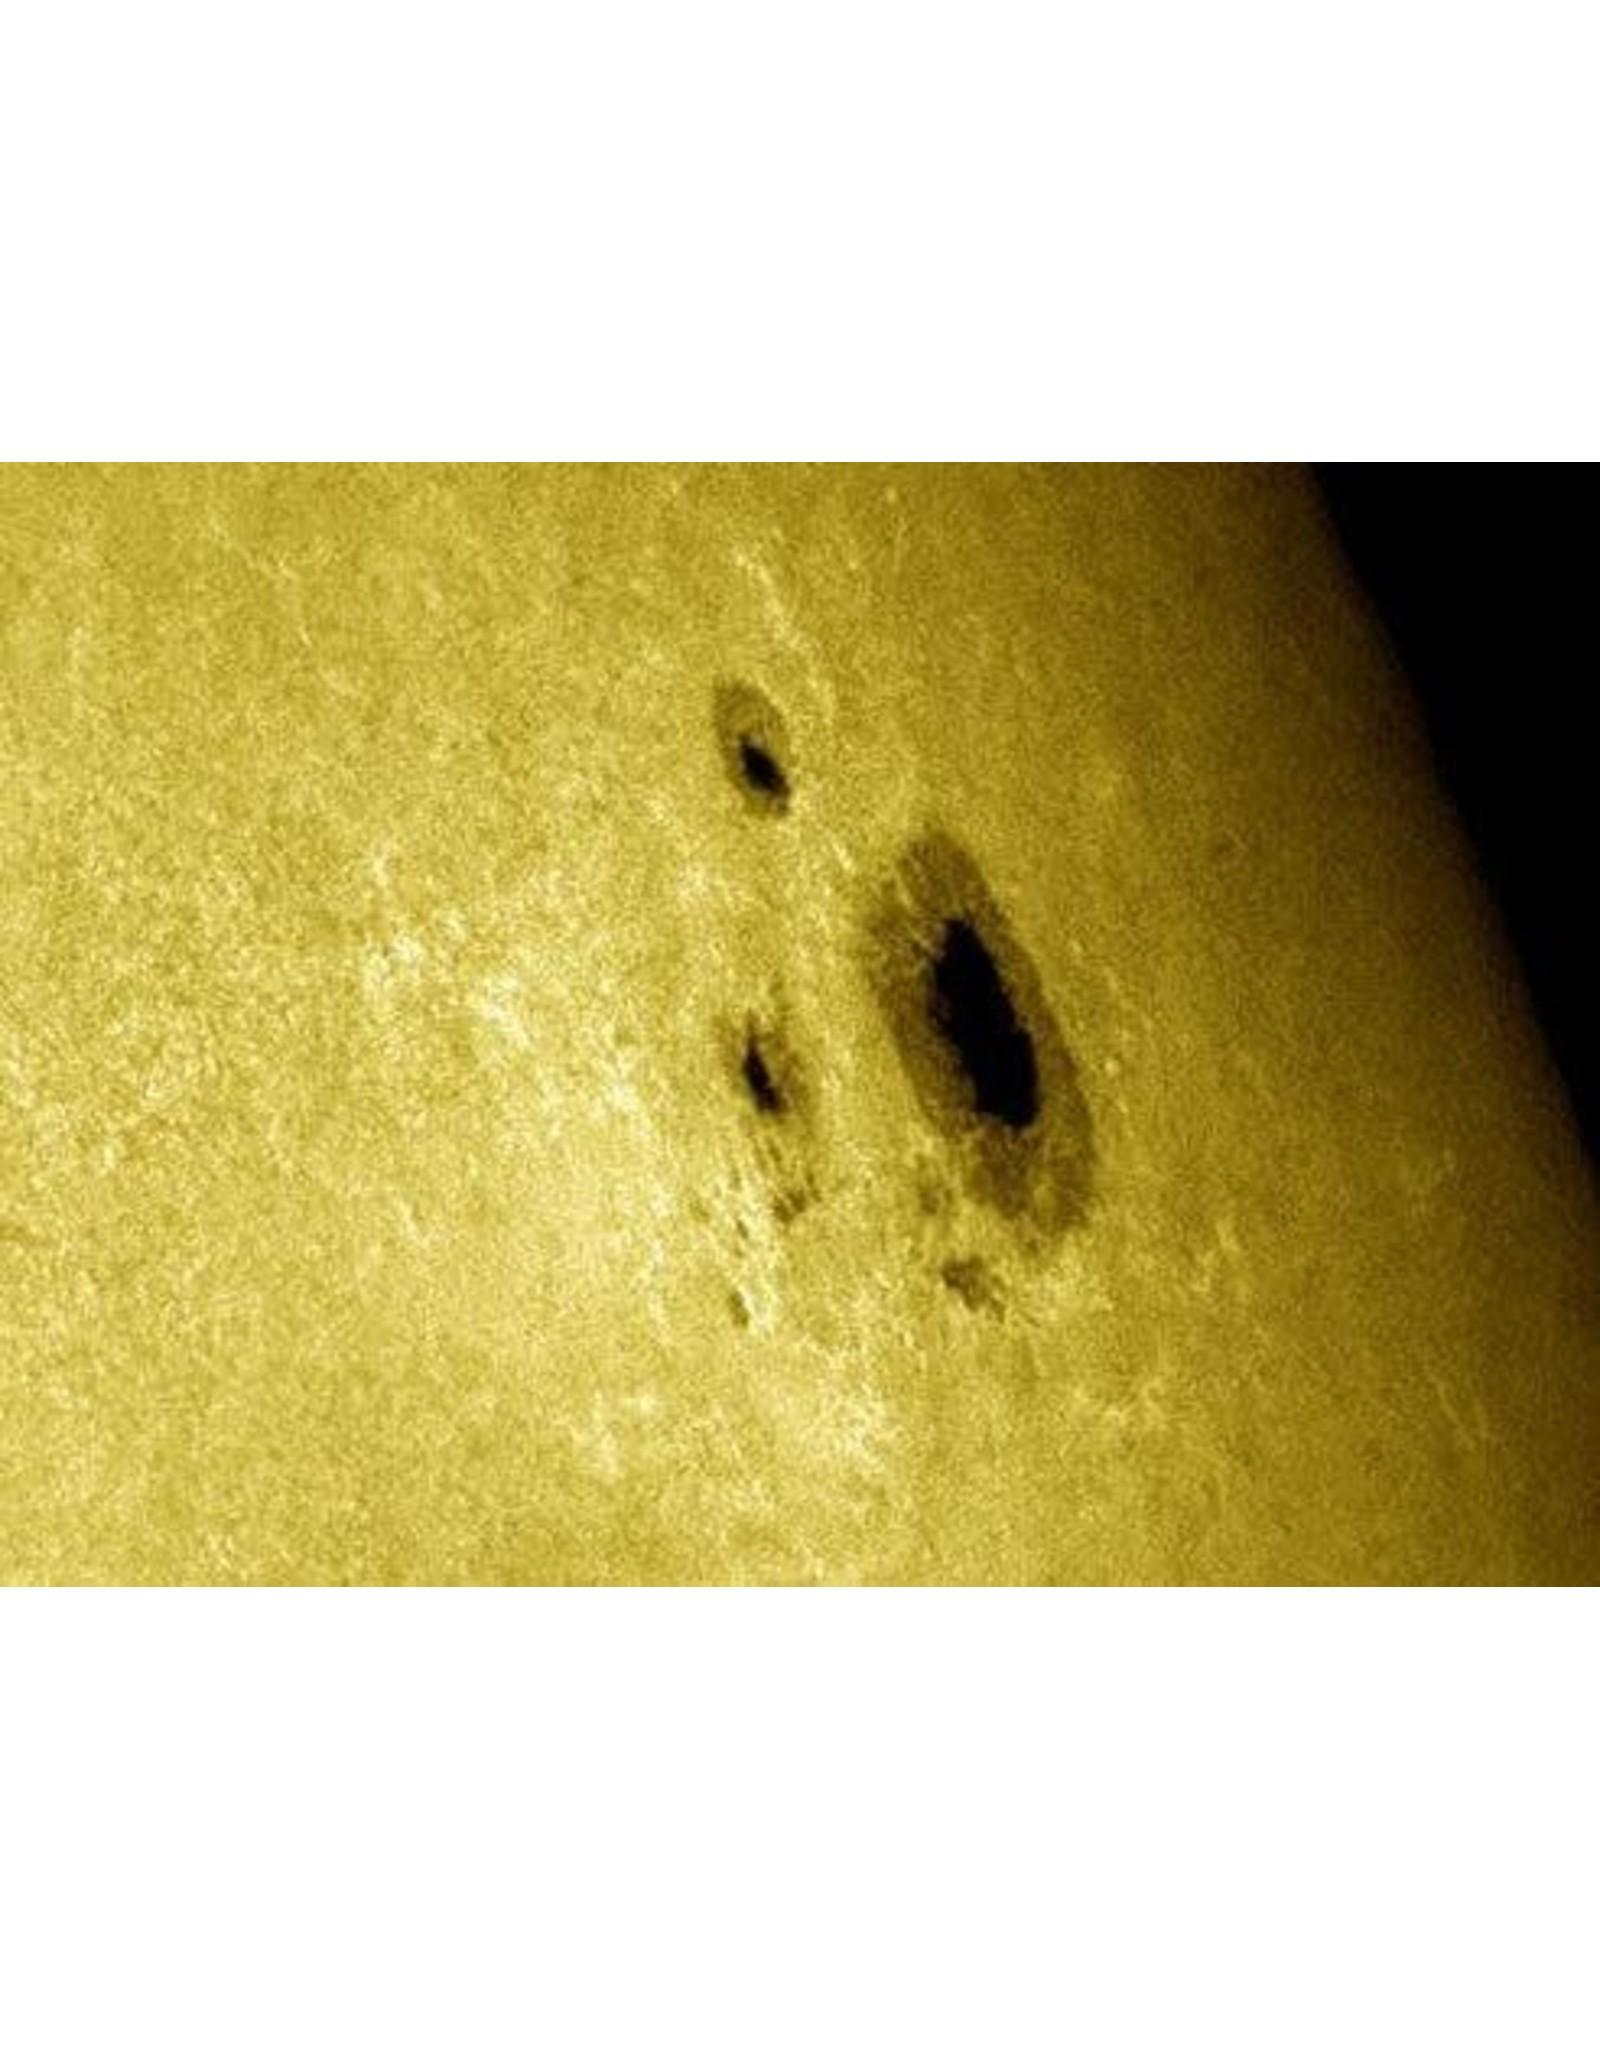 DayStar DayStar Filters 0.3Å Quantum Helium D3 Solar Filter (Research Grade)